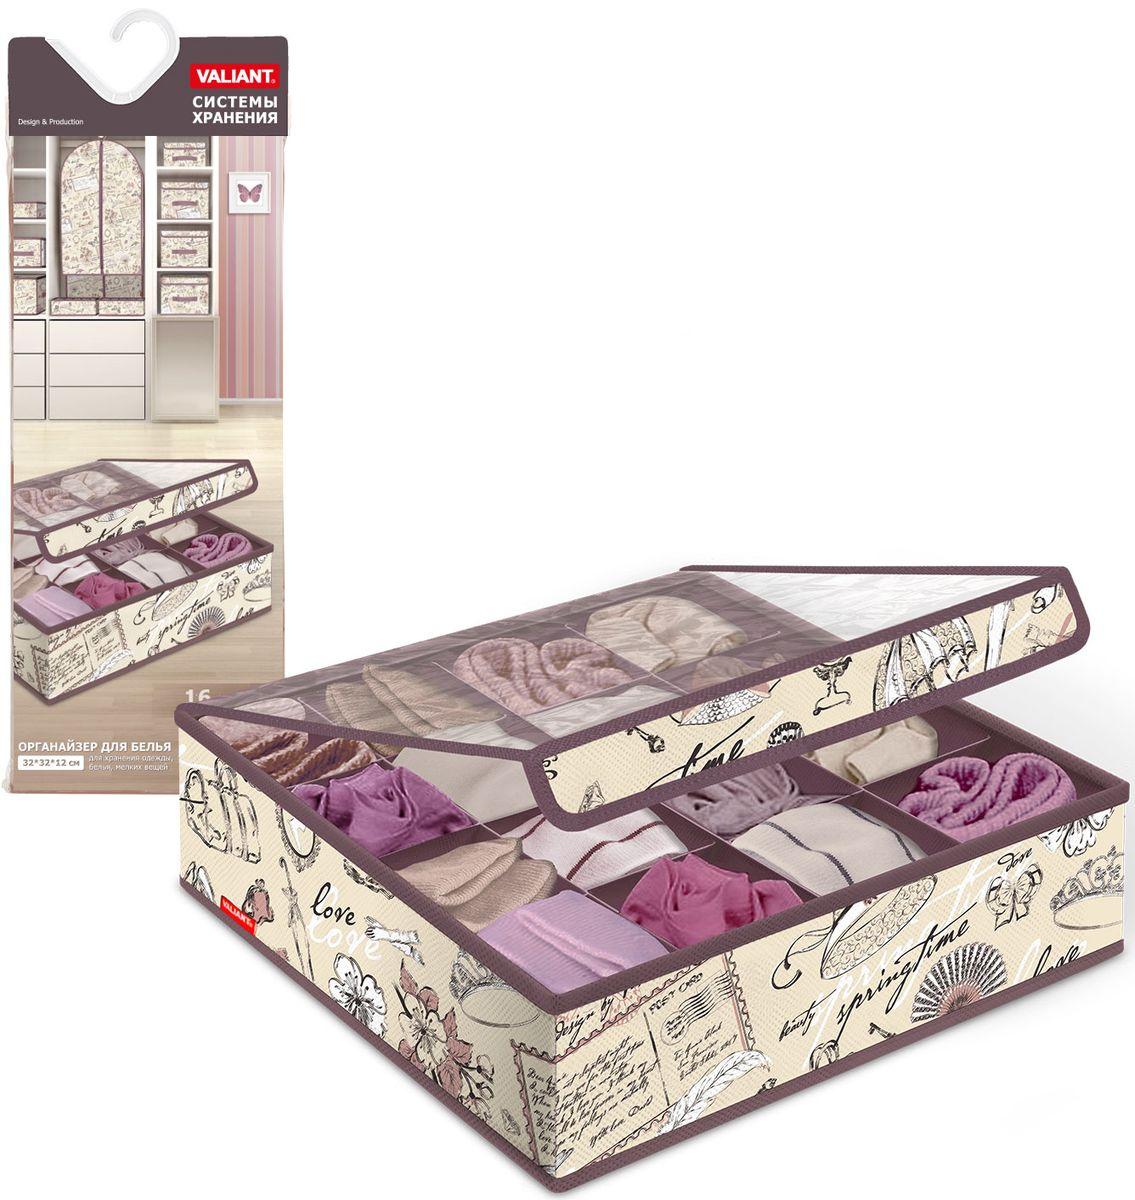 Органайзер для белья и носков Valiant Romantic, с прозрачной крышкой, 32х32х12 см, 16 секций органайзеры и сумки